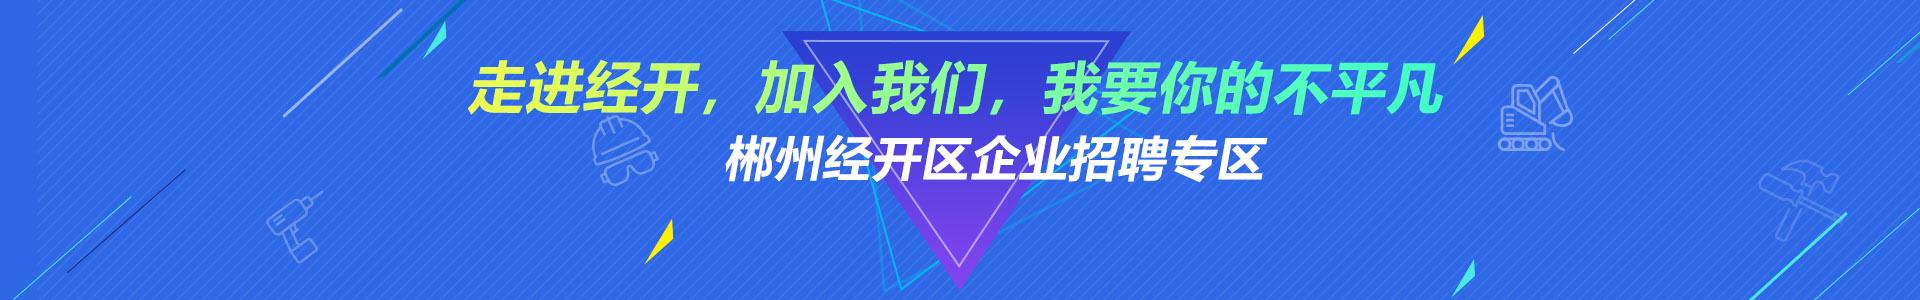 郴州经开区企业招聘专区